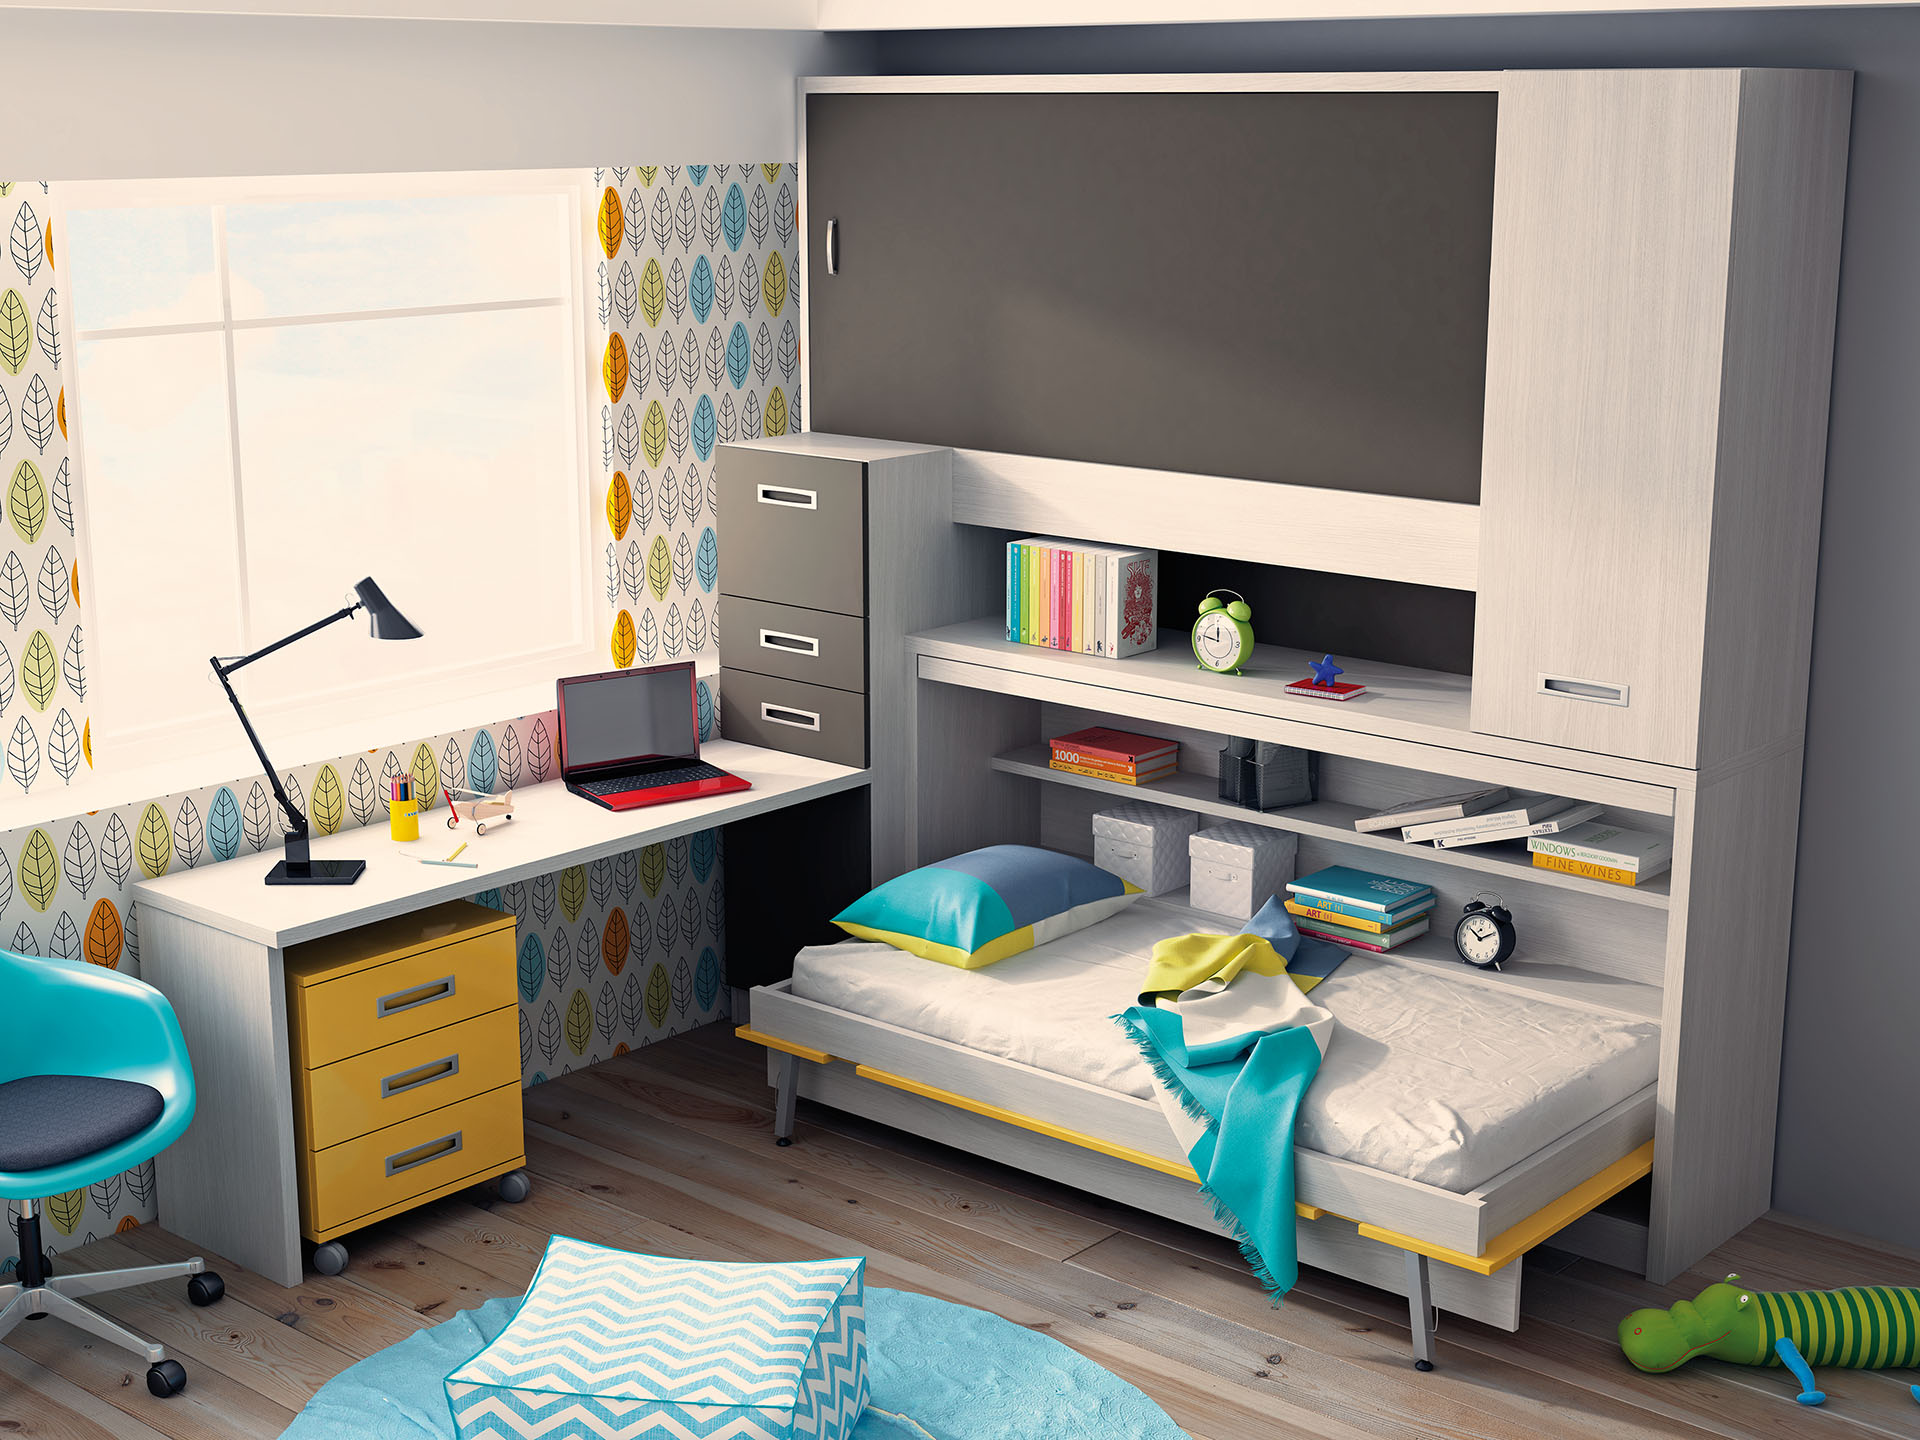 Mueble Juvenil En Madrid En Diseno Juvenil - Diseo-dormitorios-juveniles